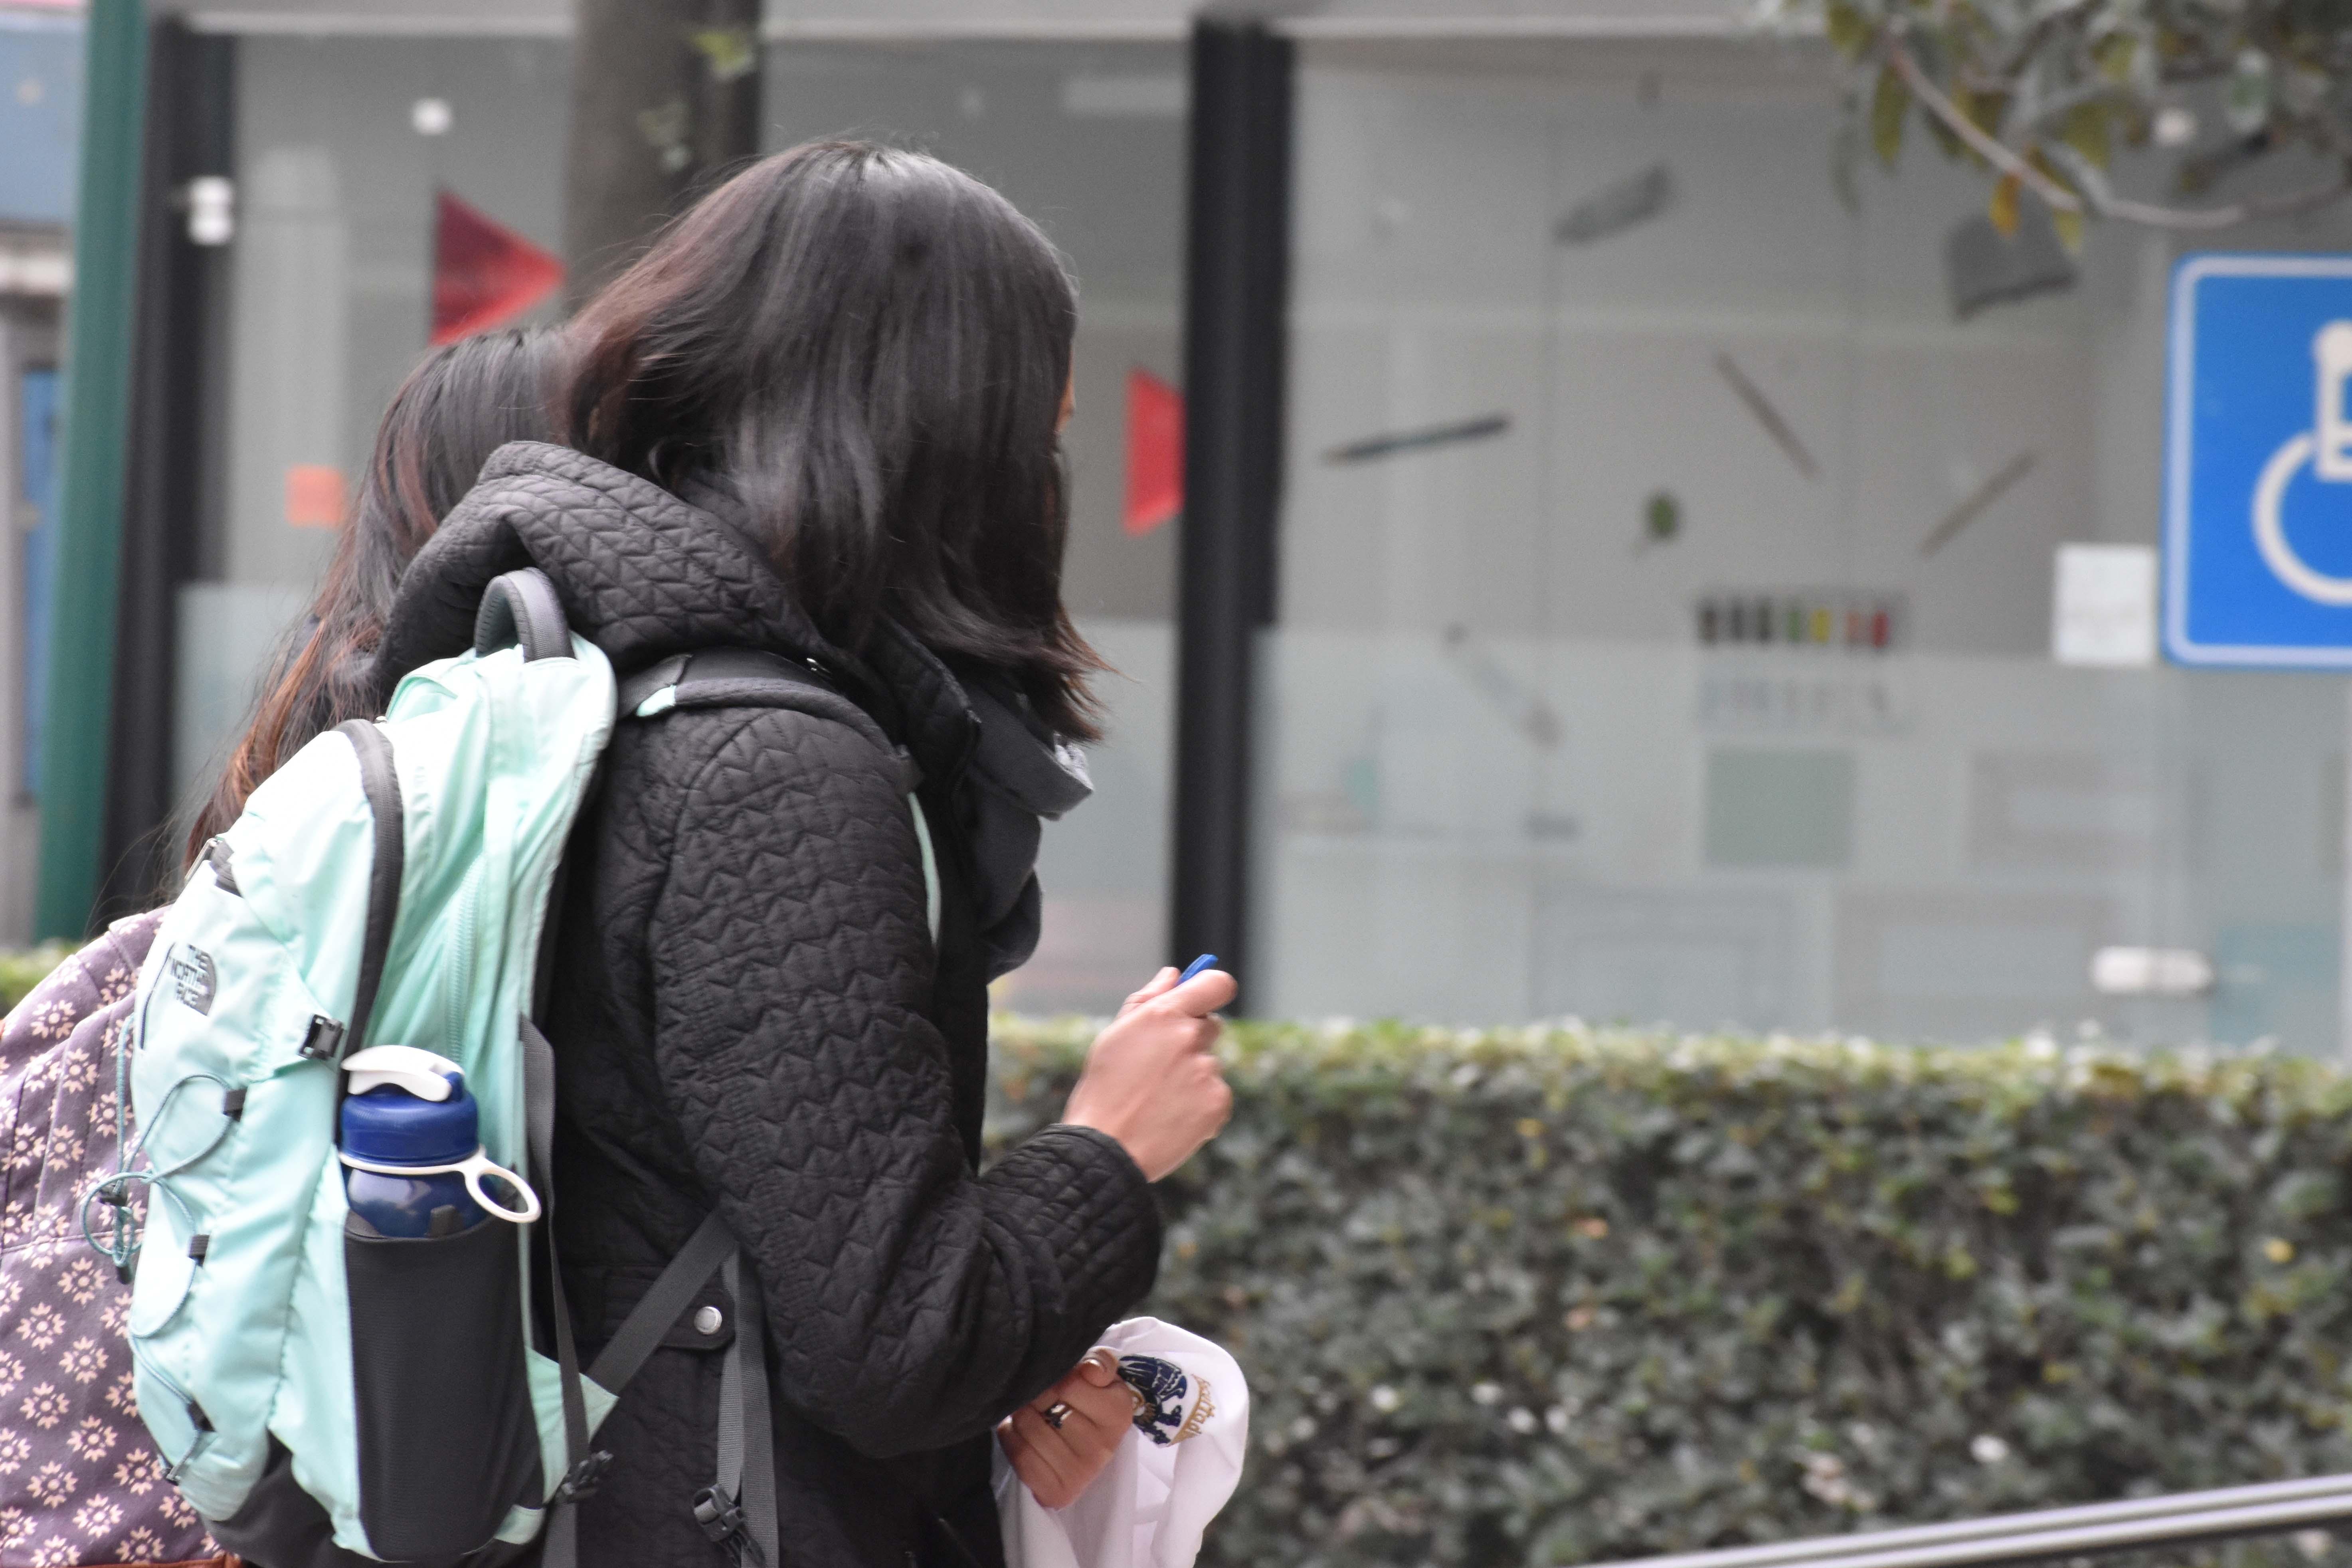 Personas con asma deben reforzar cuidados en invierno